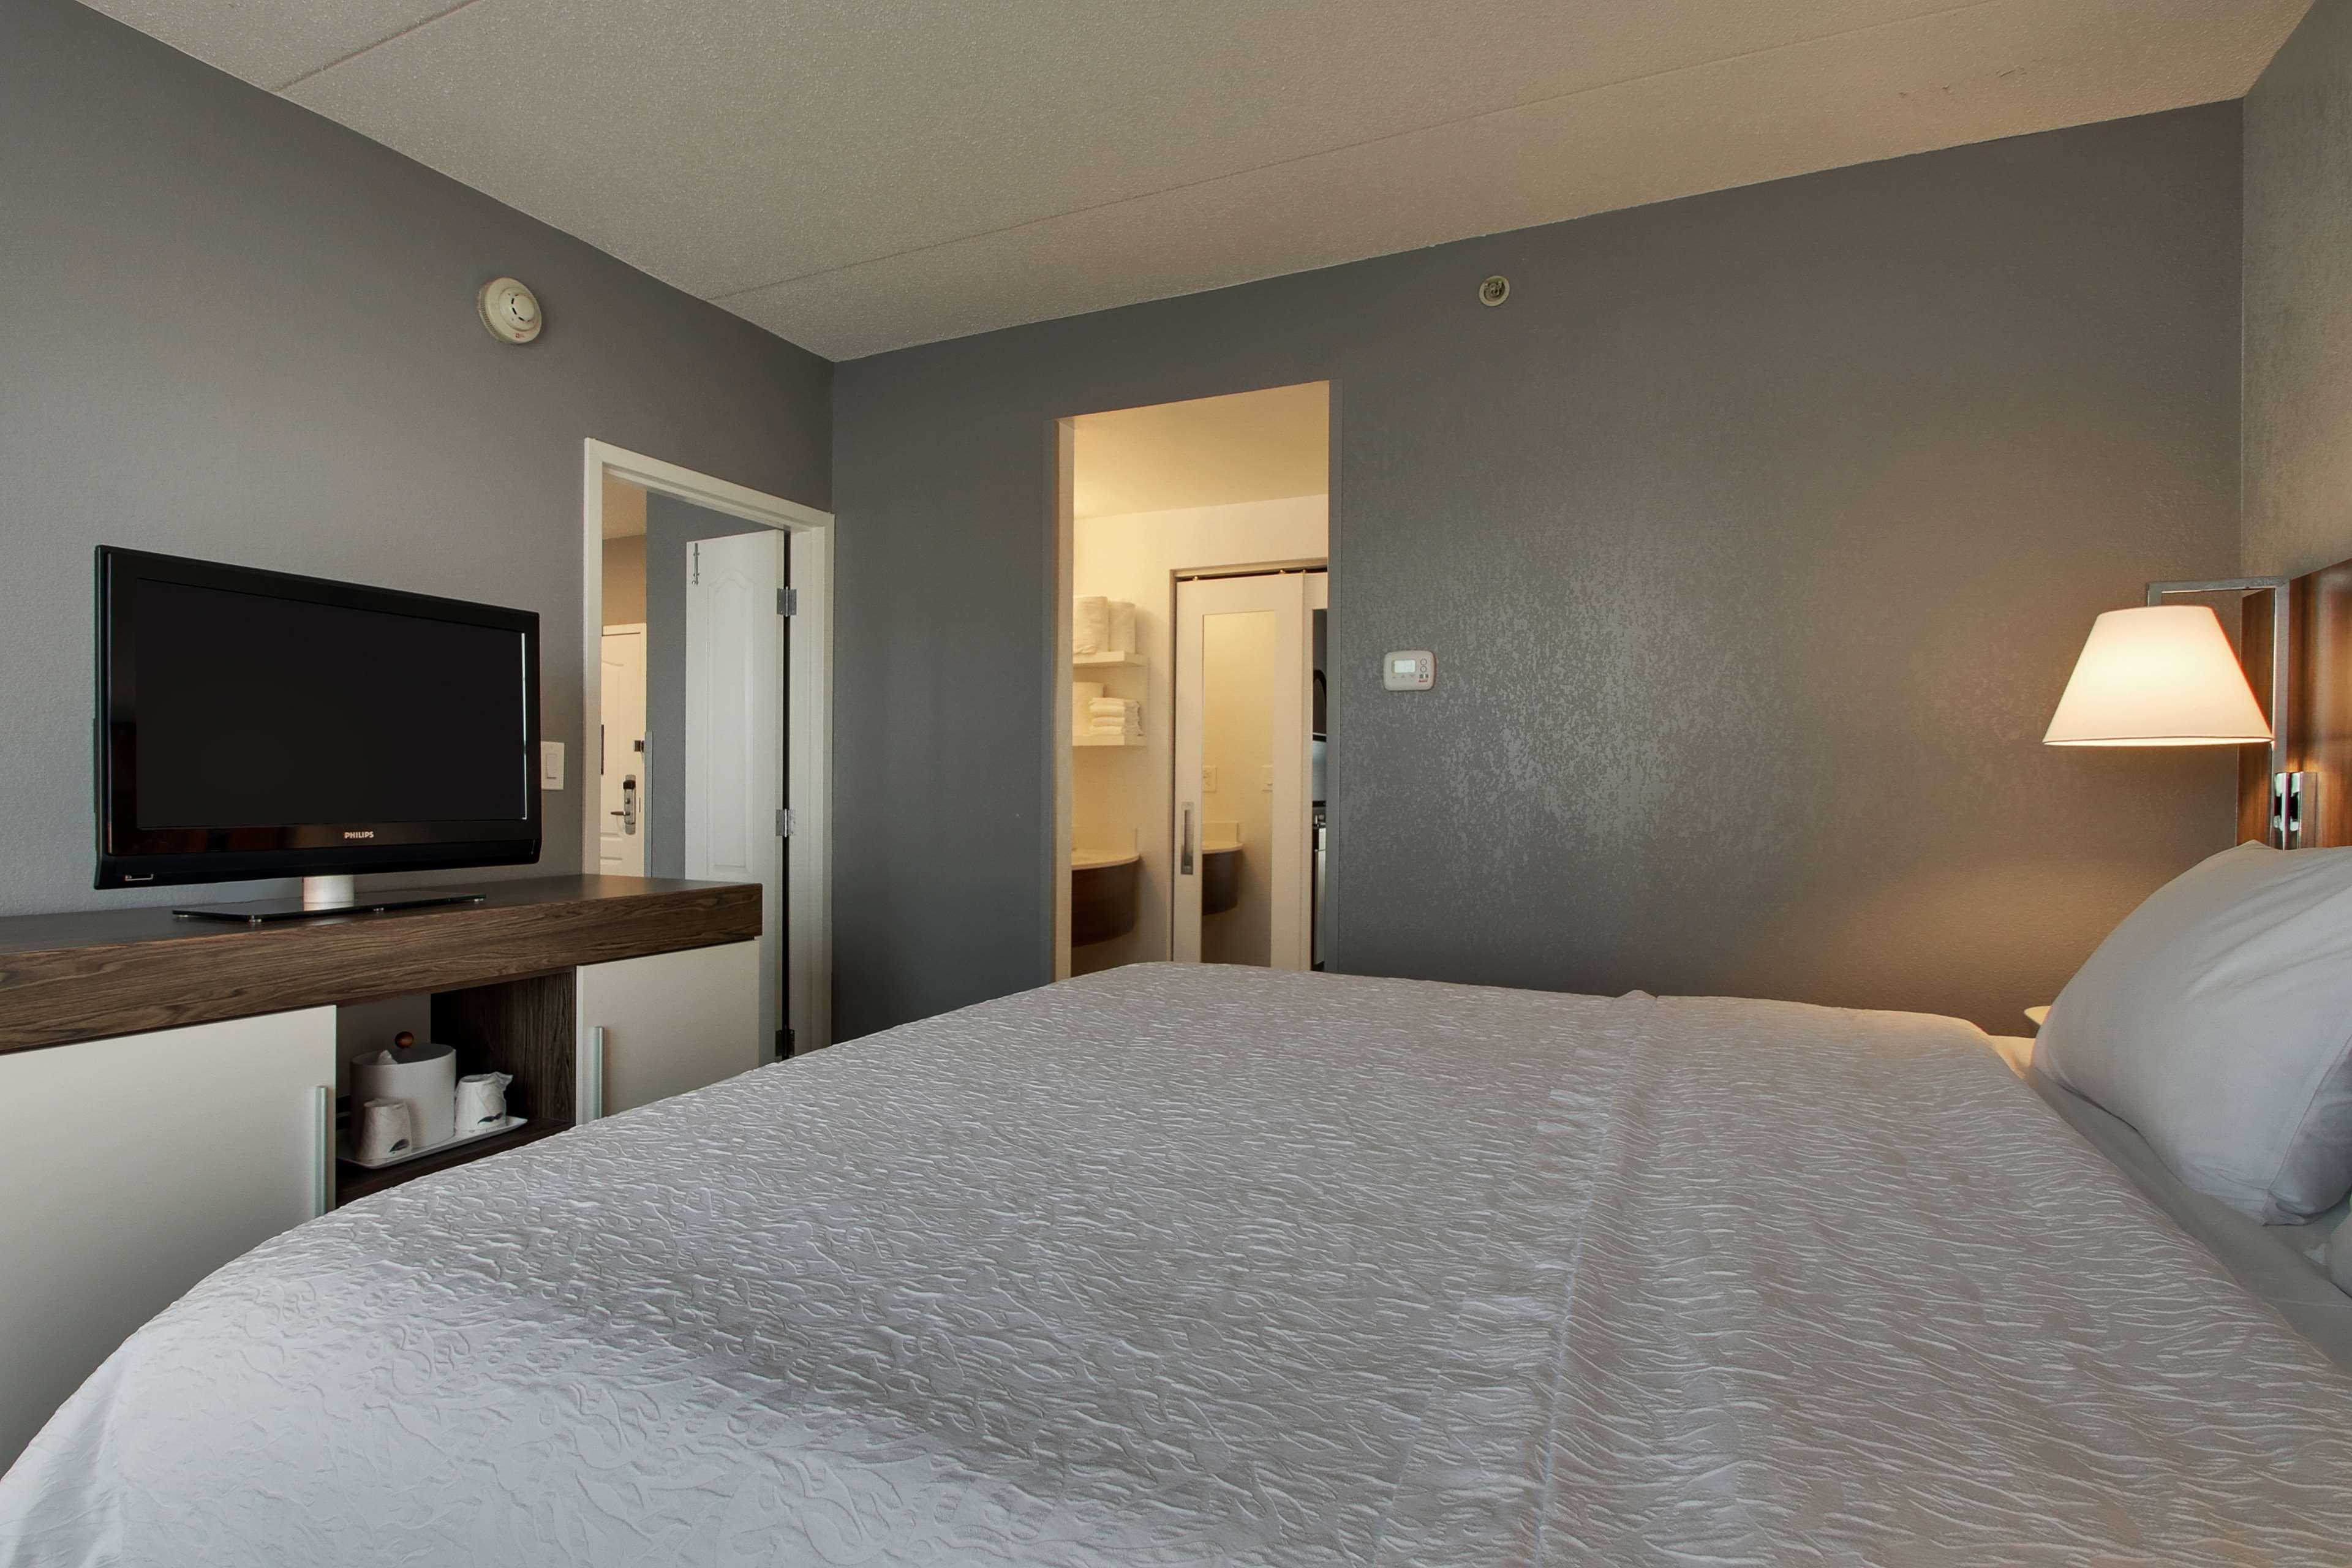 Hampton Inn & Suites Chicago/Aurora image 27